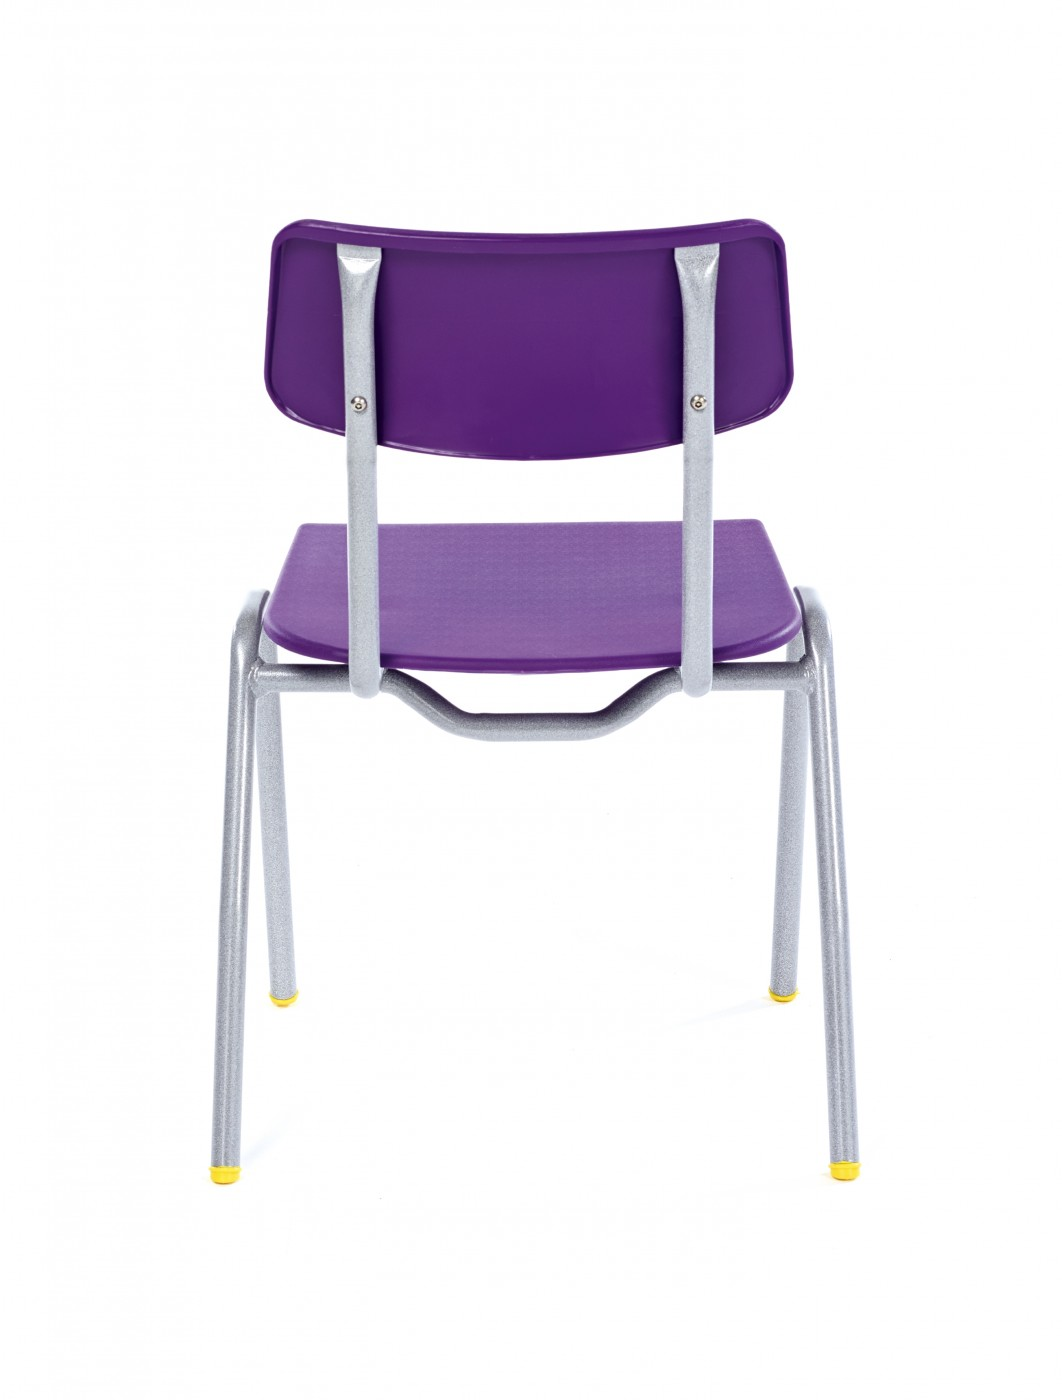 Metalliform BSA Stacking Classroom Chair 121 Office Furniture